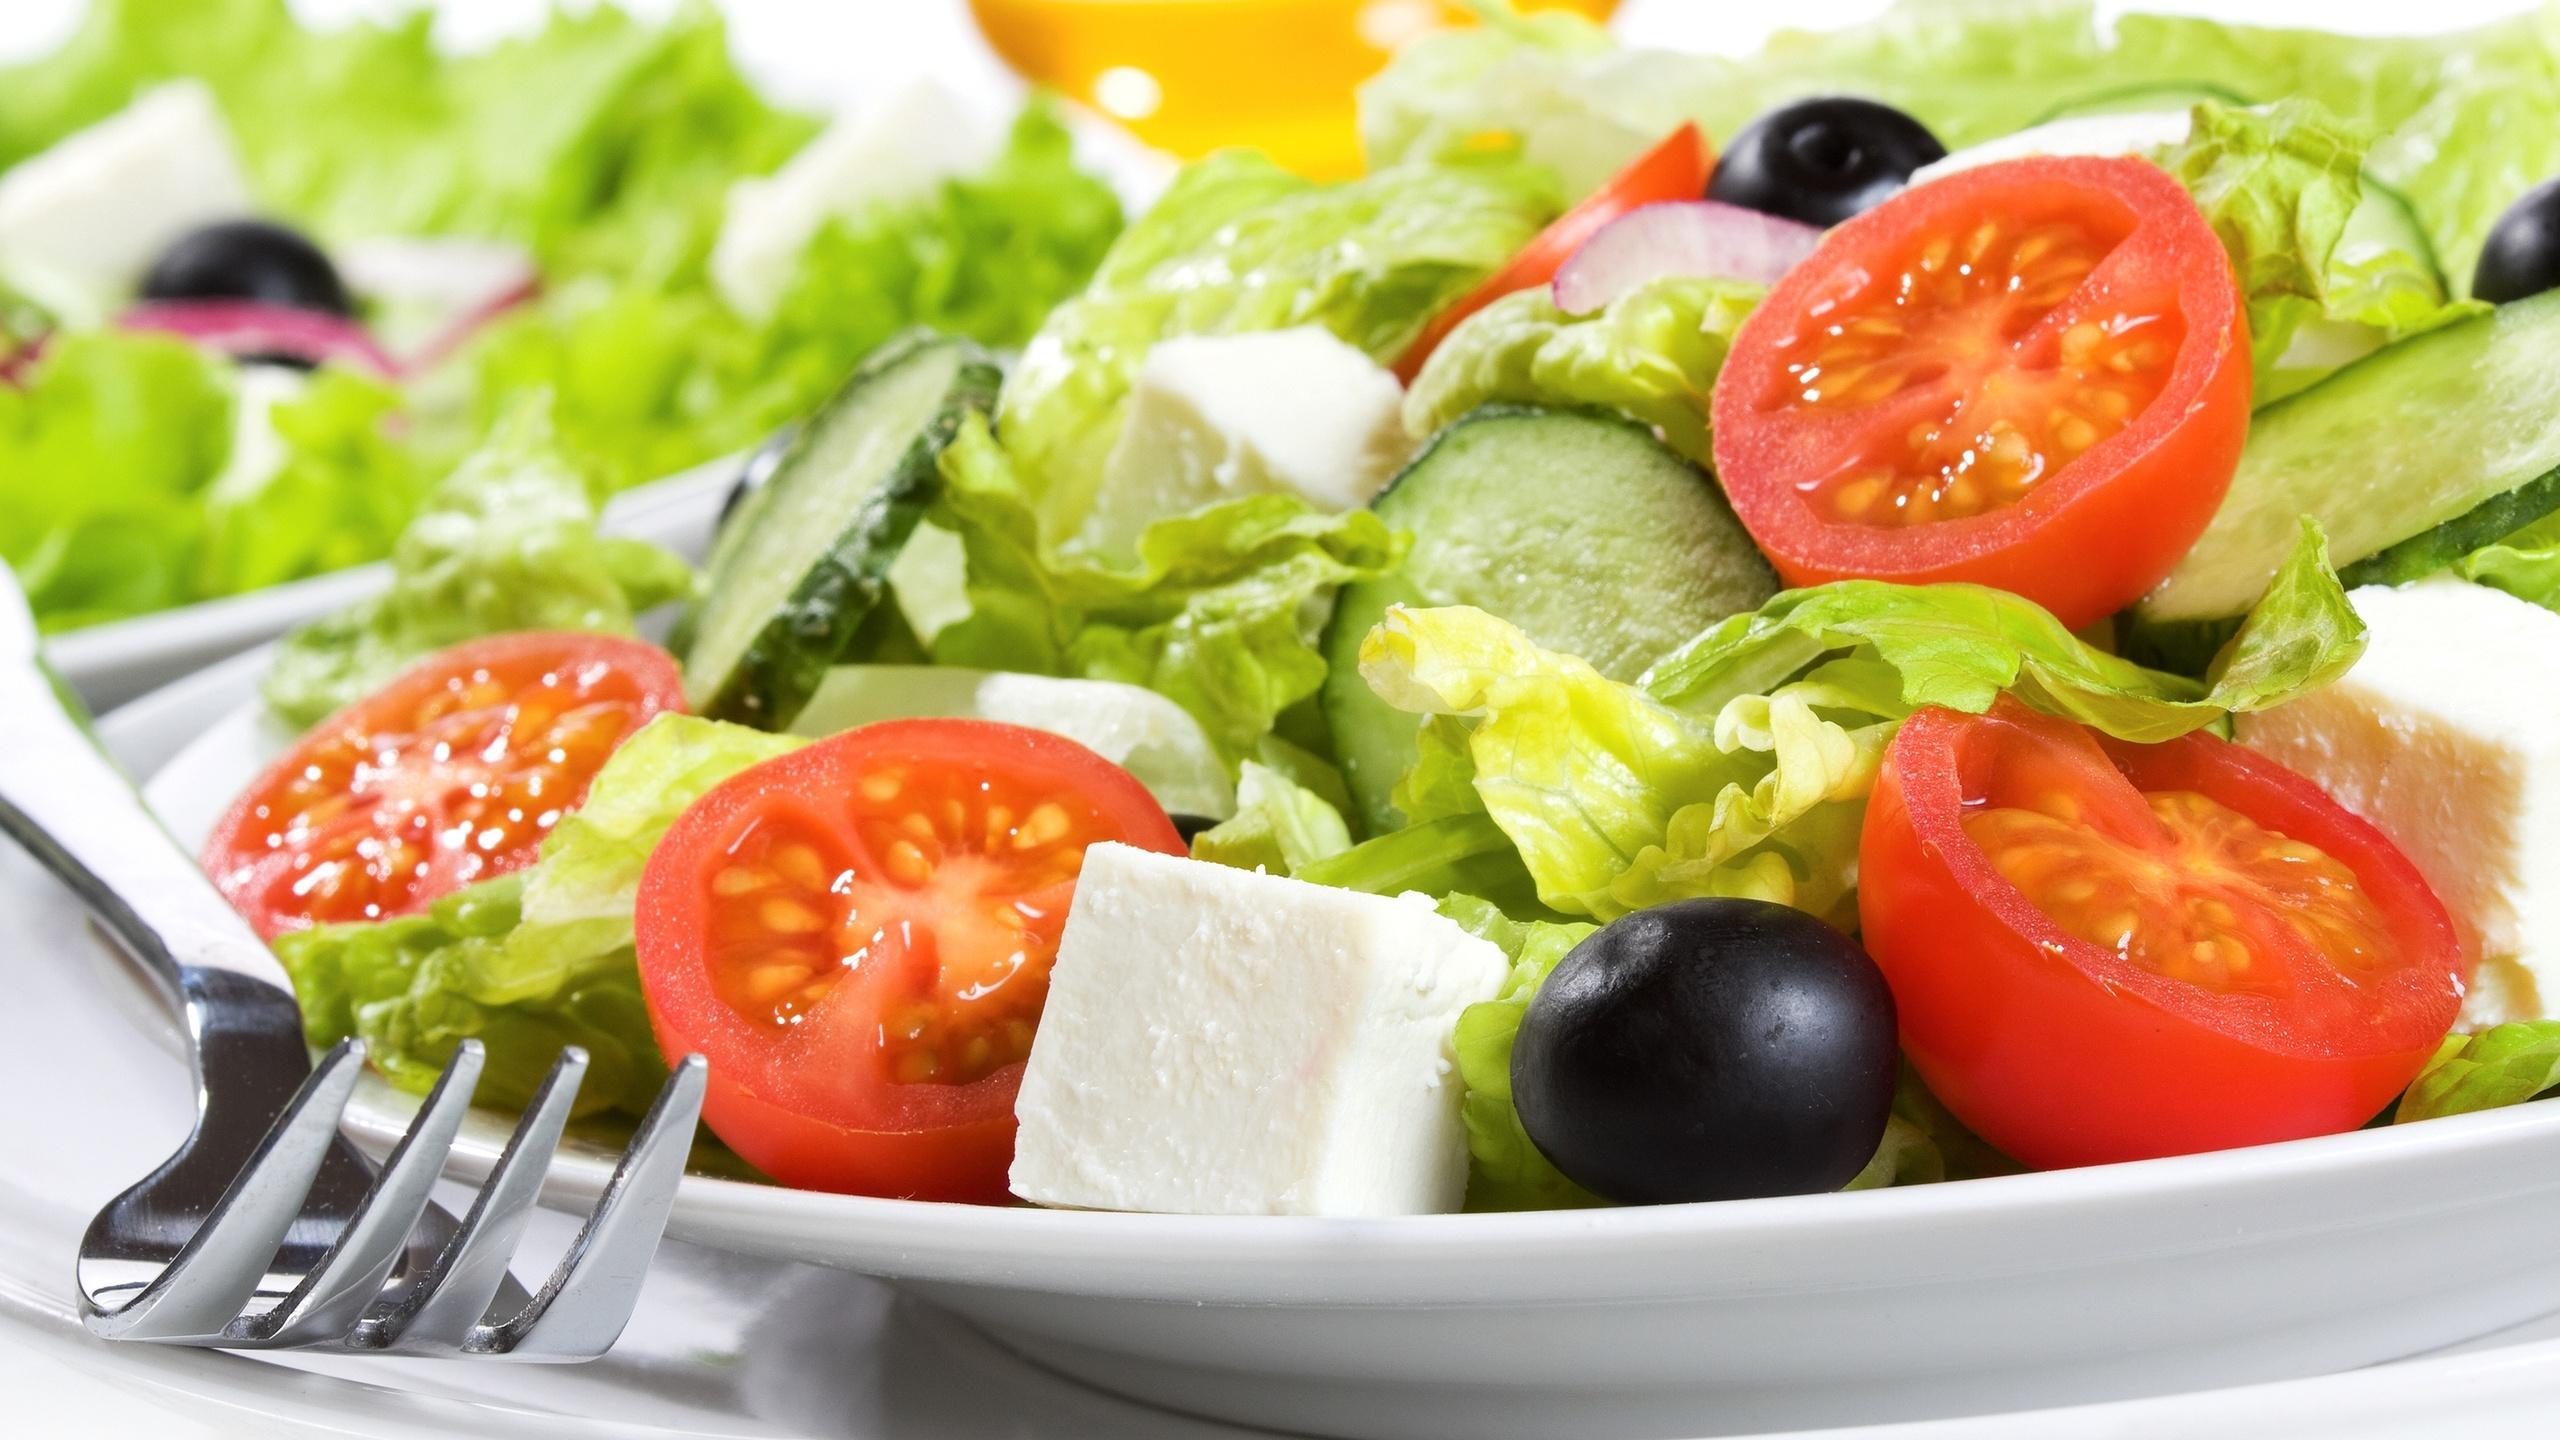 Горький вкус как препятствие к вегетарианству